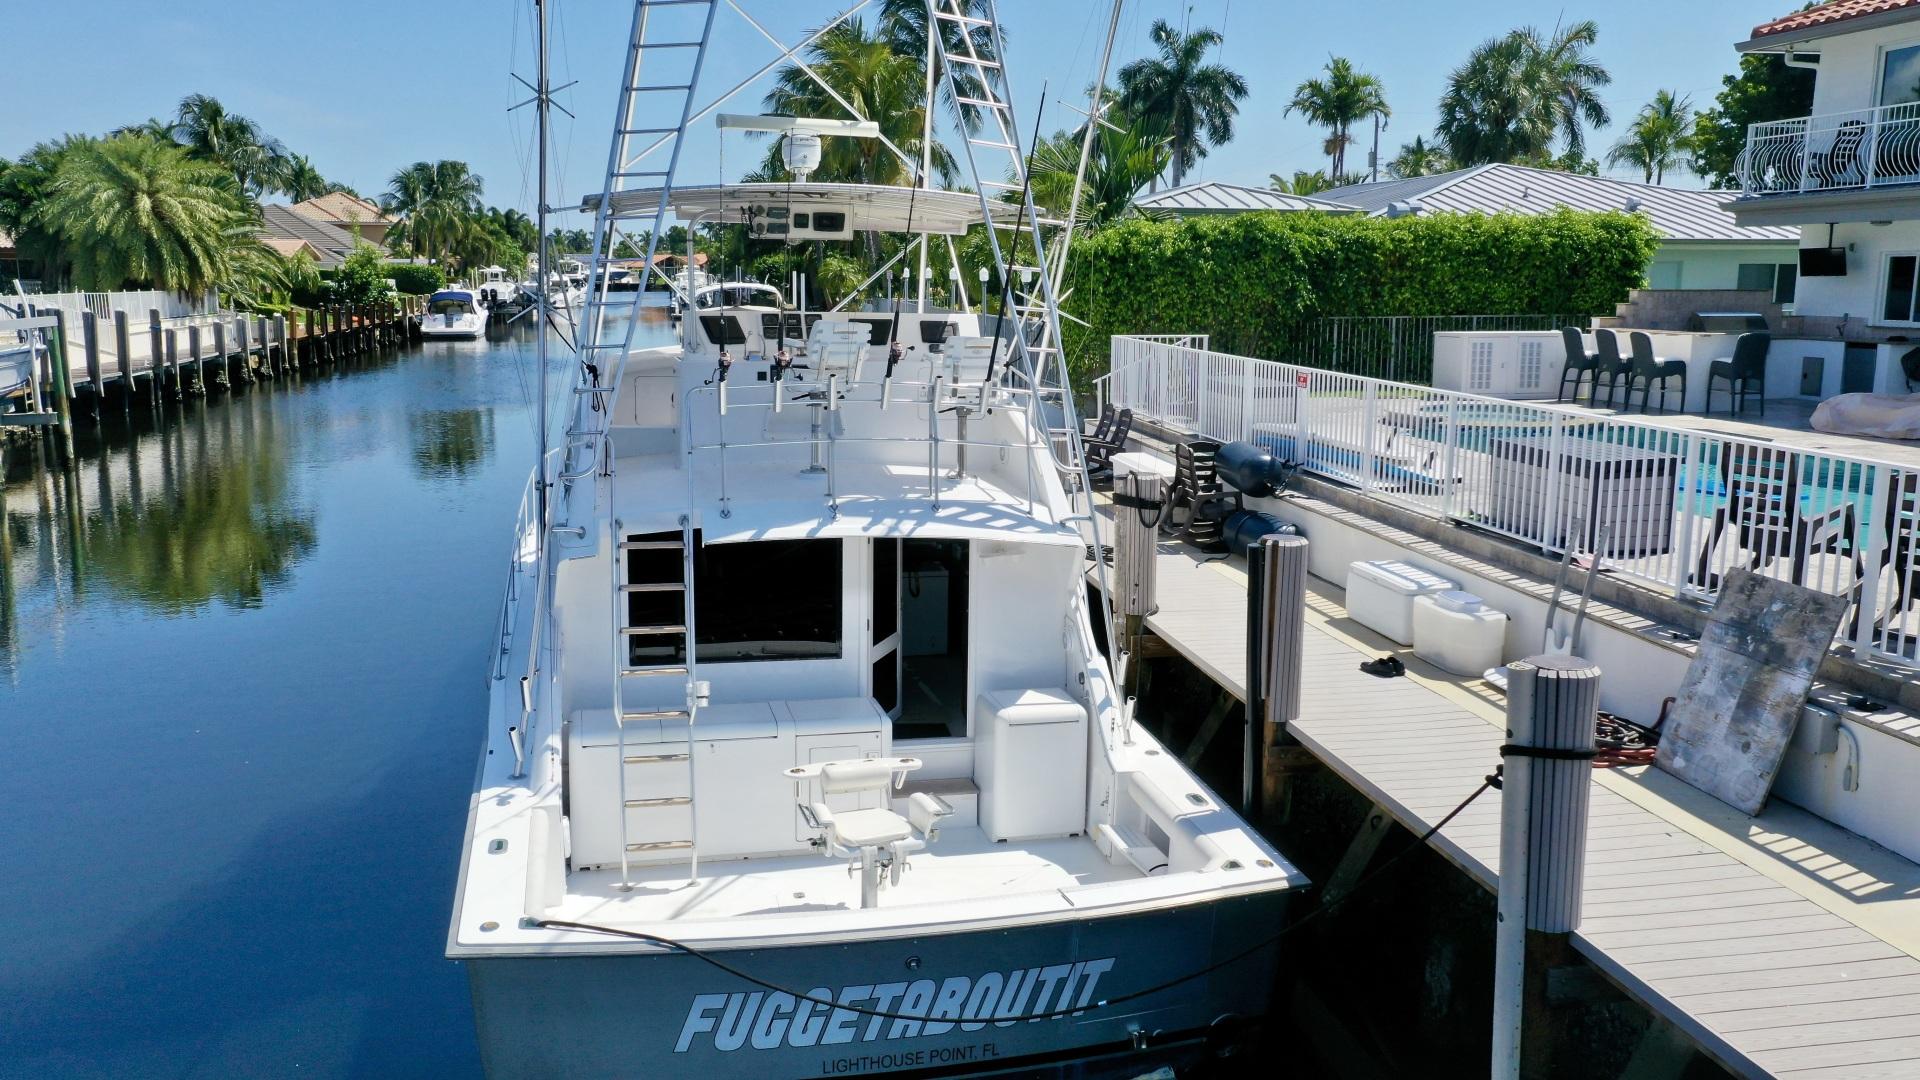 Bertram-50 Sportfish 1988-Fuggetaboutit Lighthouse Point-Florida-United States-1483603 | Thumbnail